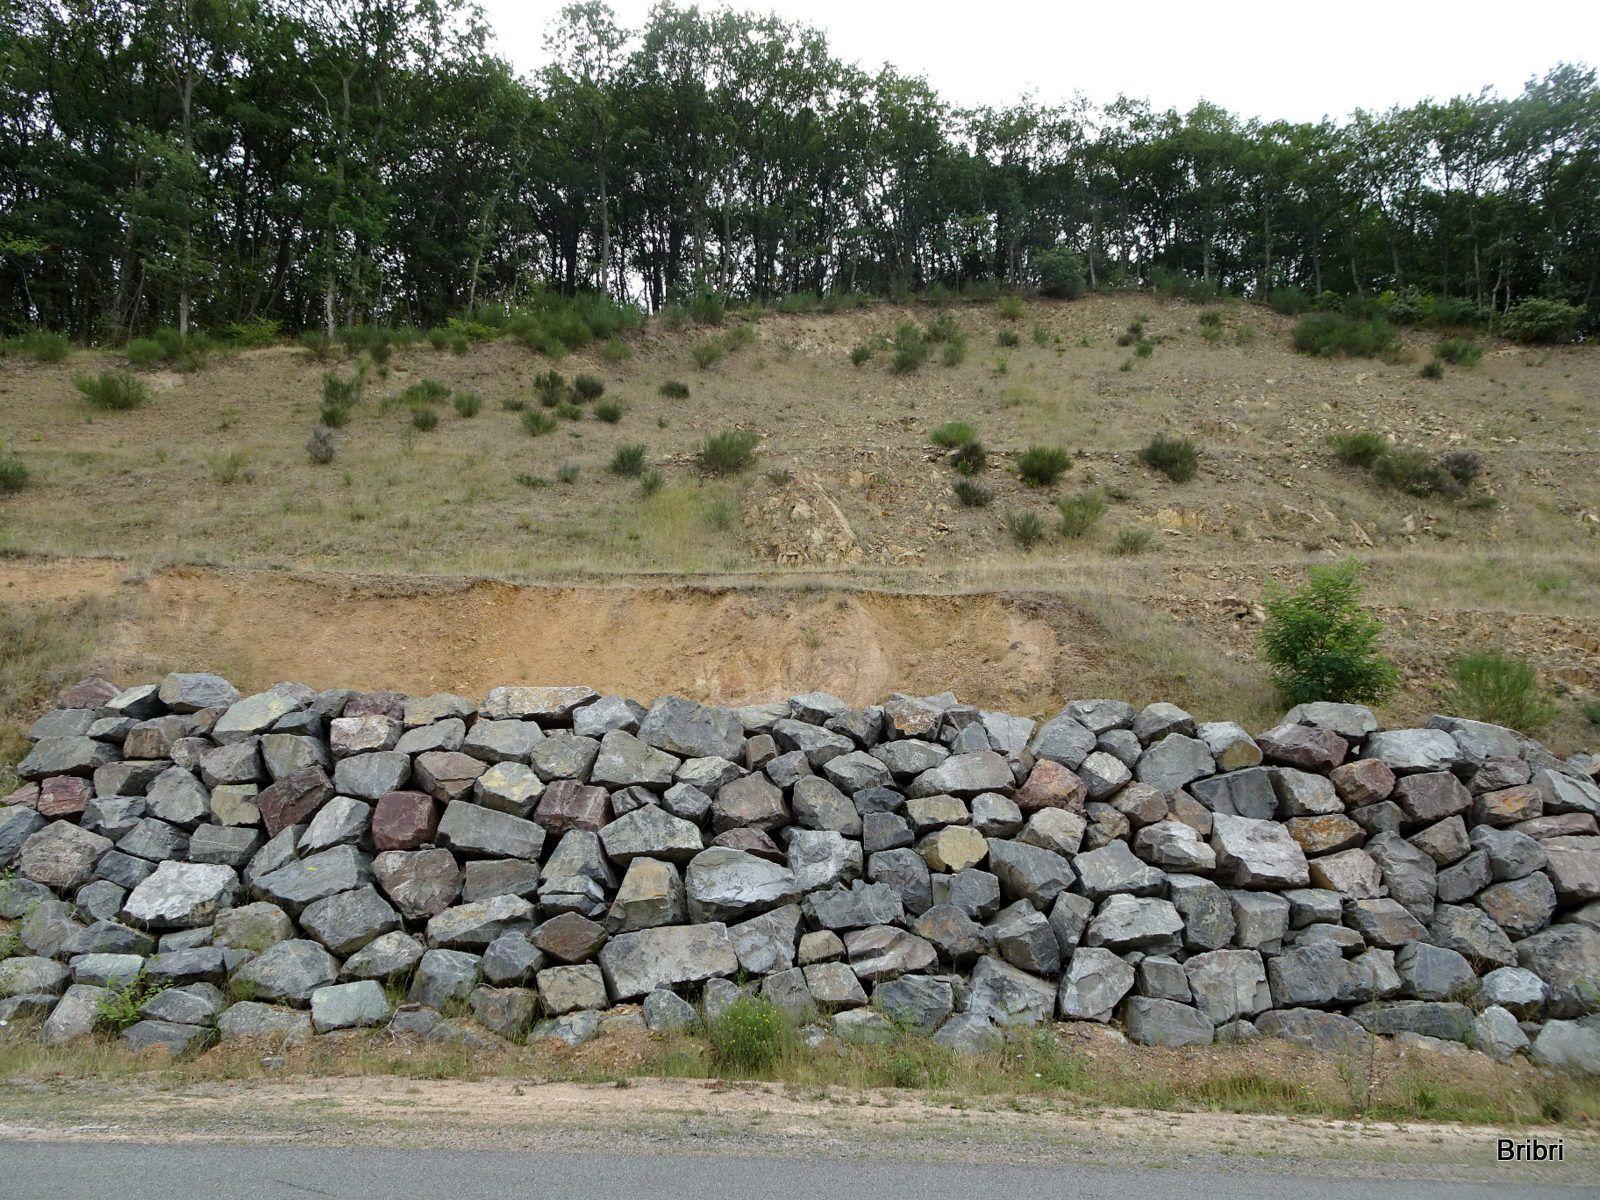 Nous longeons la route derrière les barrières sur environ 800 m, mur moderne en pierres sèches.